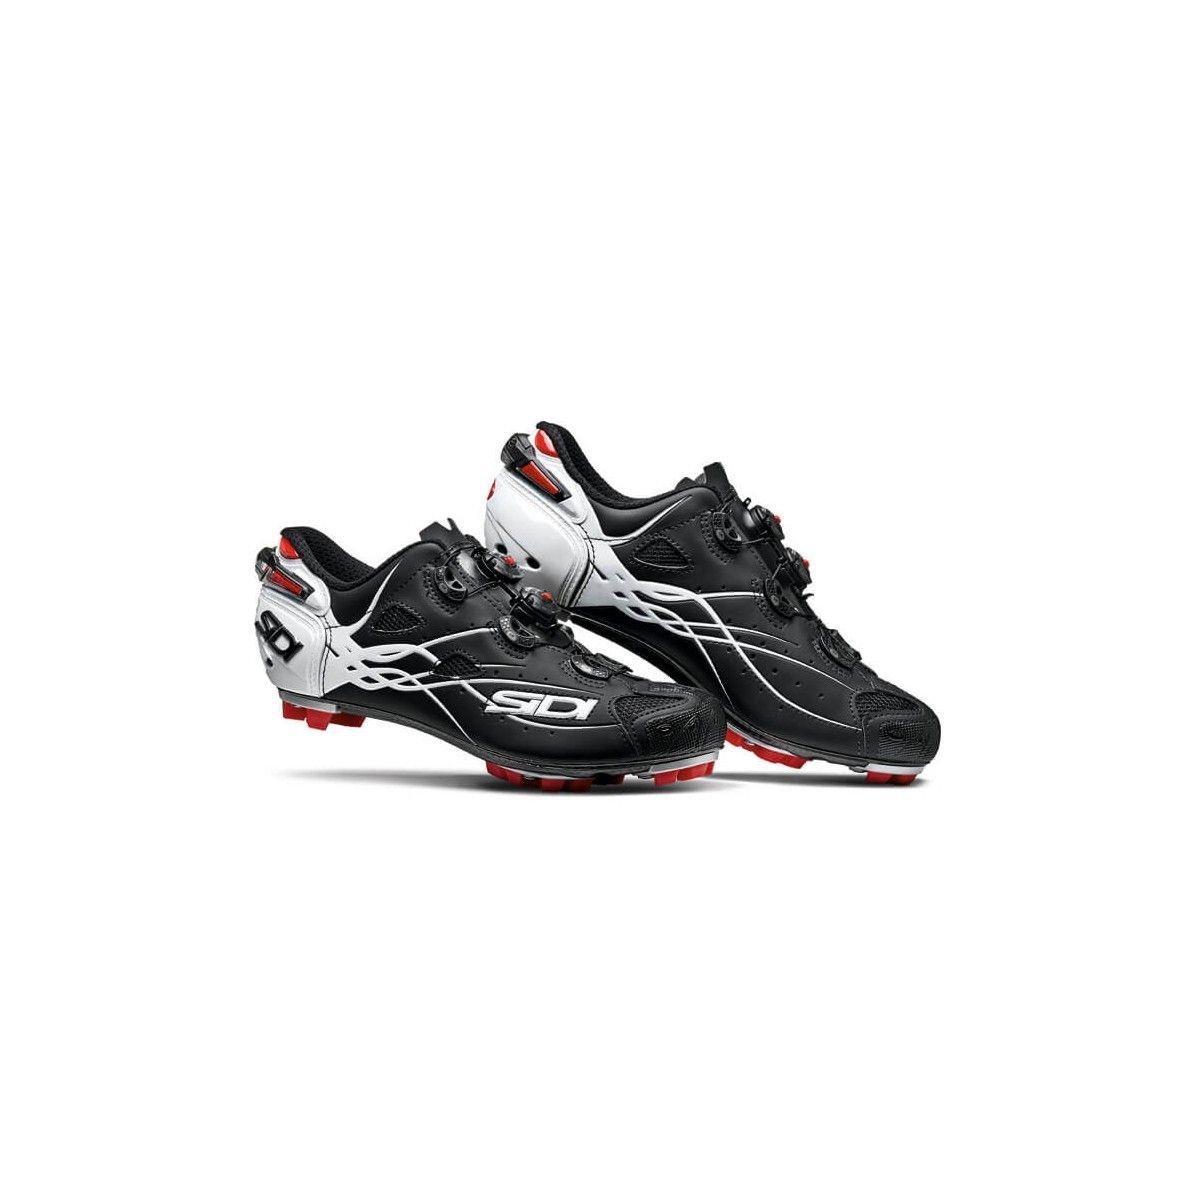 Chaussures VTT MTB TIGER Running Trail Sidi